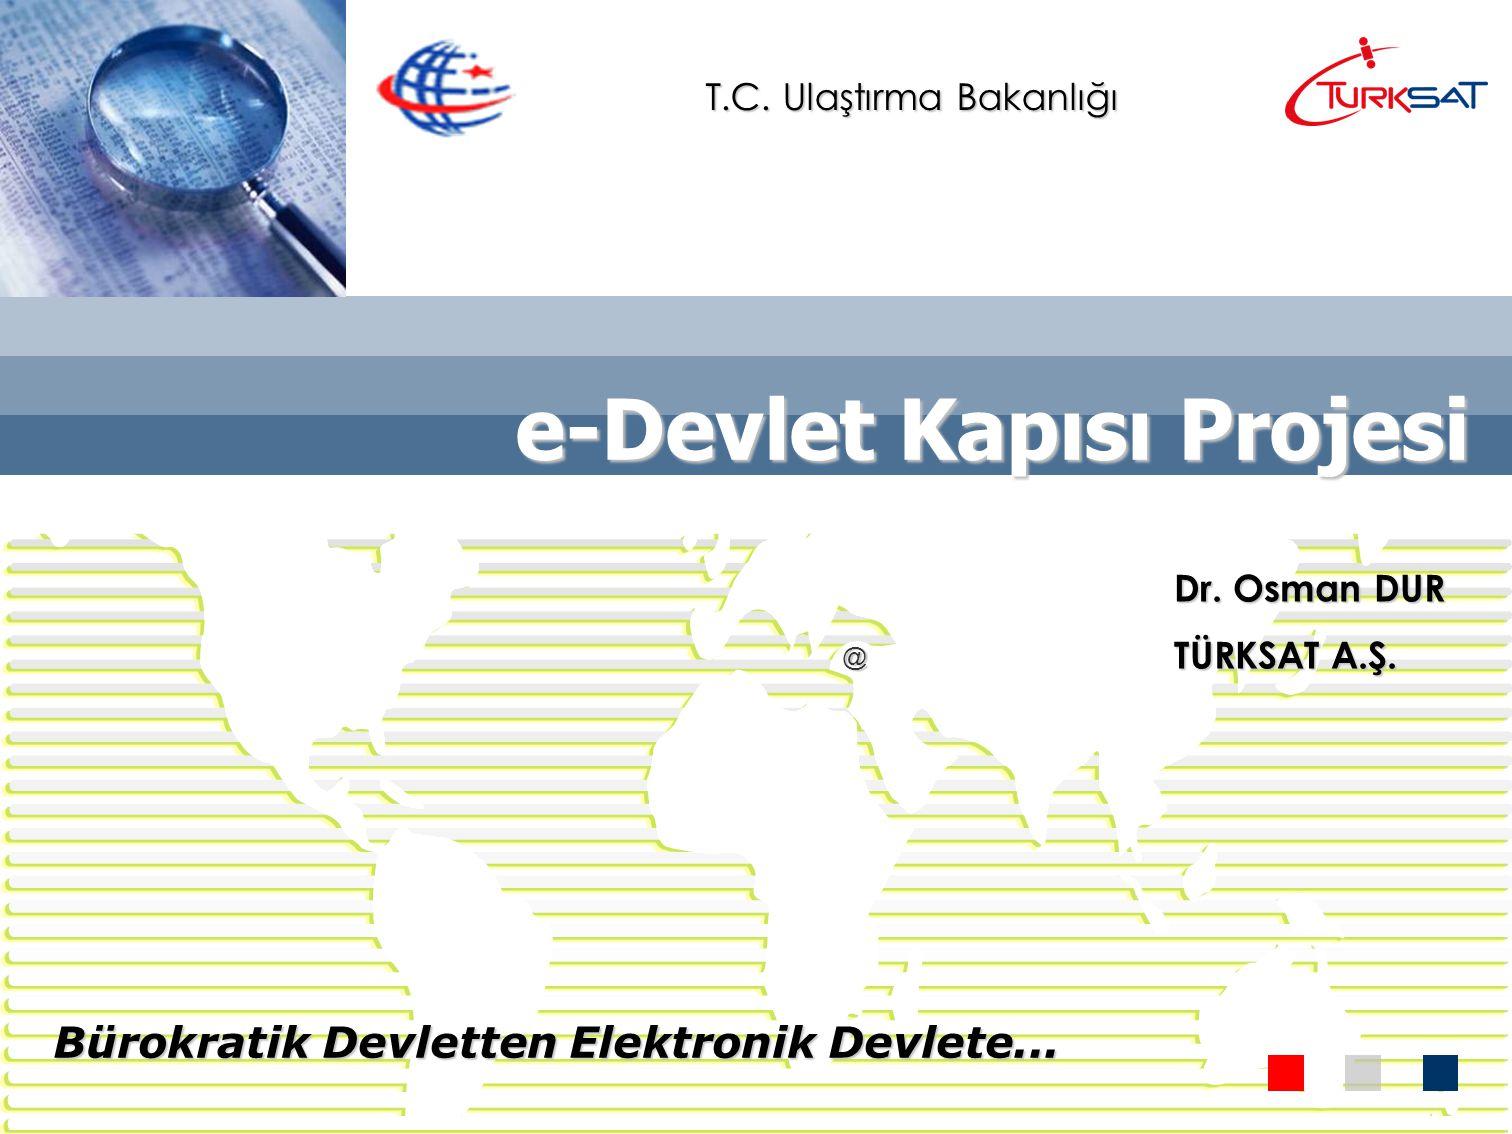 e-Devlet Kapısı Projesi Bürokratik Devletten Elektronik Devlete... @ Dr. Osman DUR TÜRKSAT A.Ş. T.C. Ulaştırma Bakanlığı